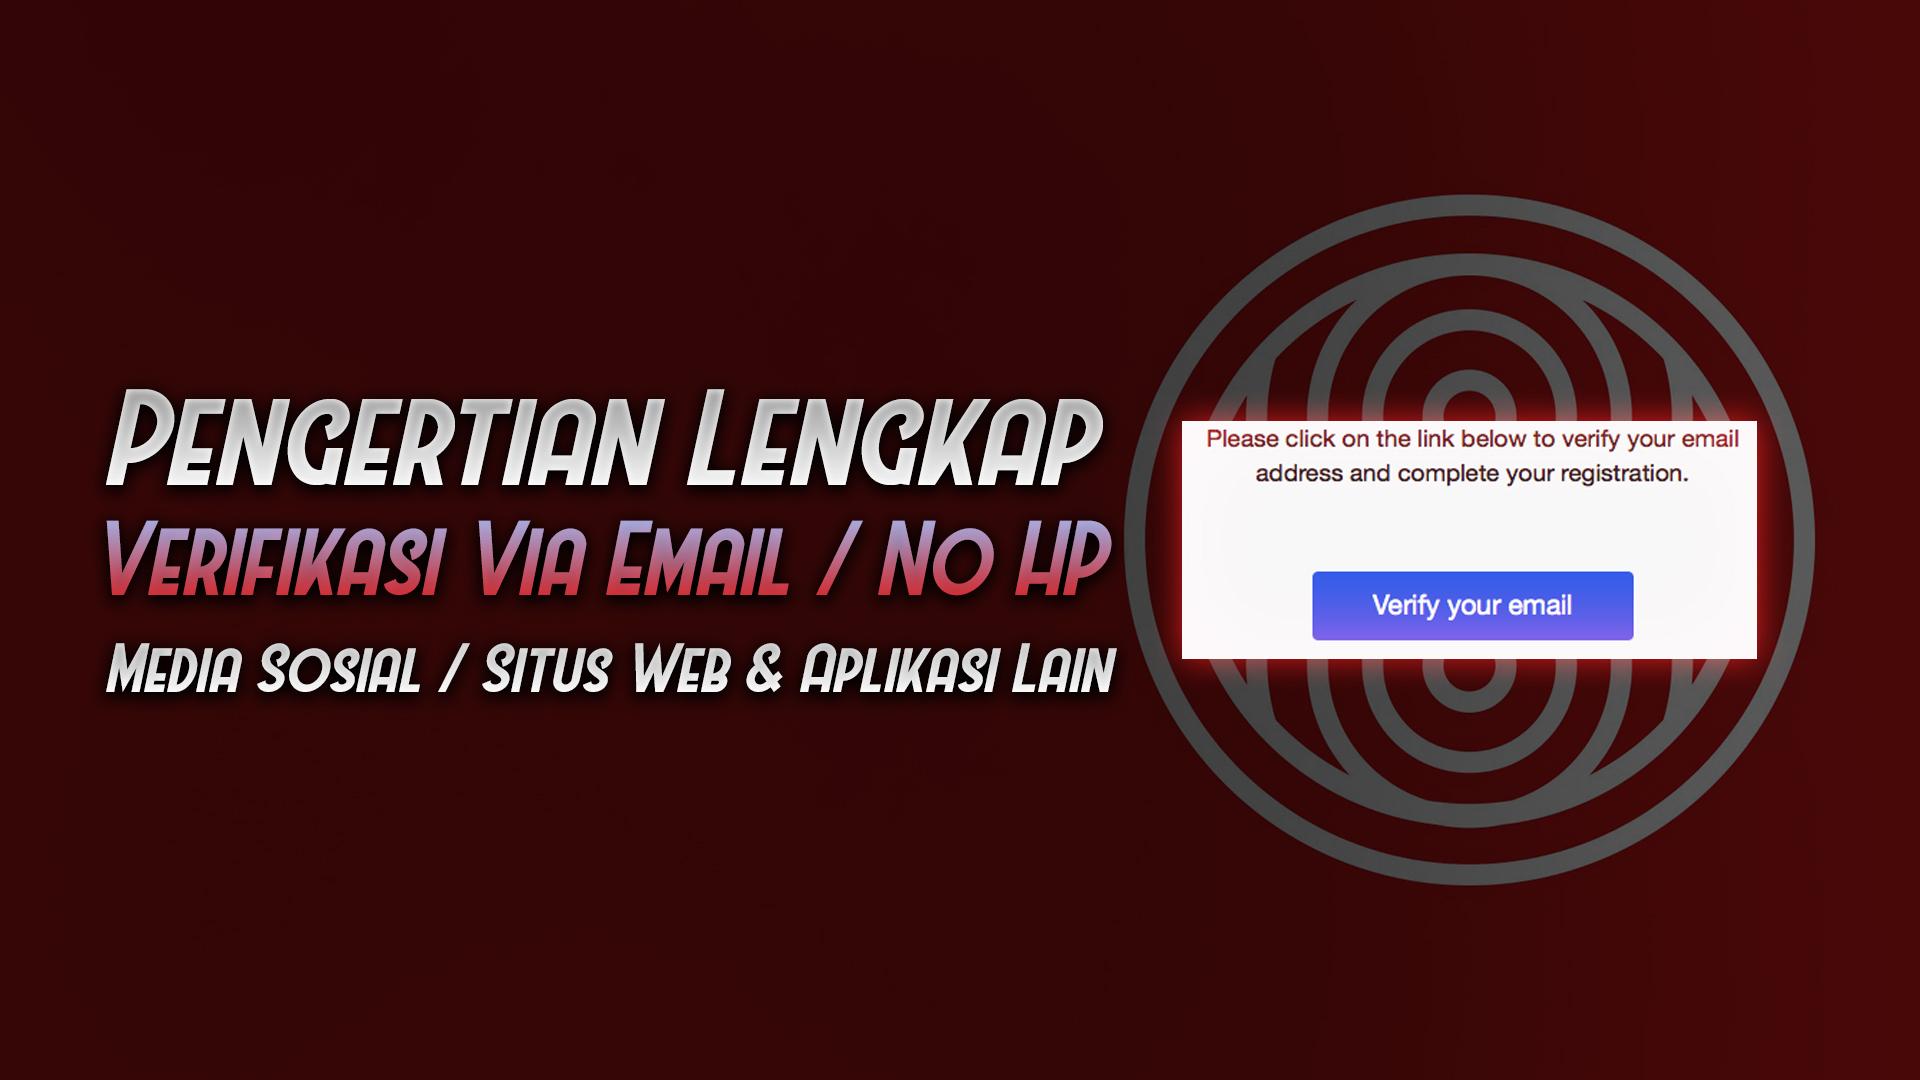 pengertian lengkap verifikasi email no hp - rio bermano